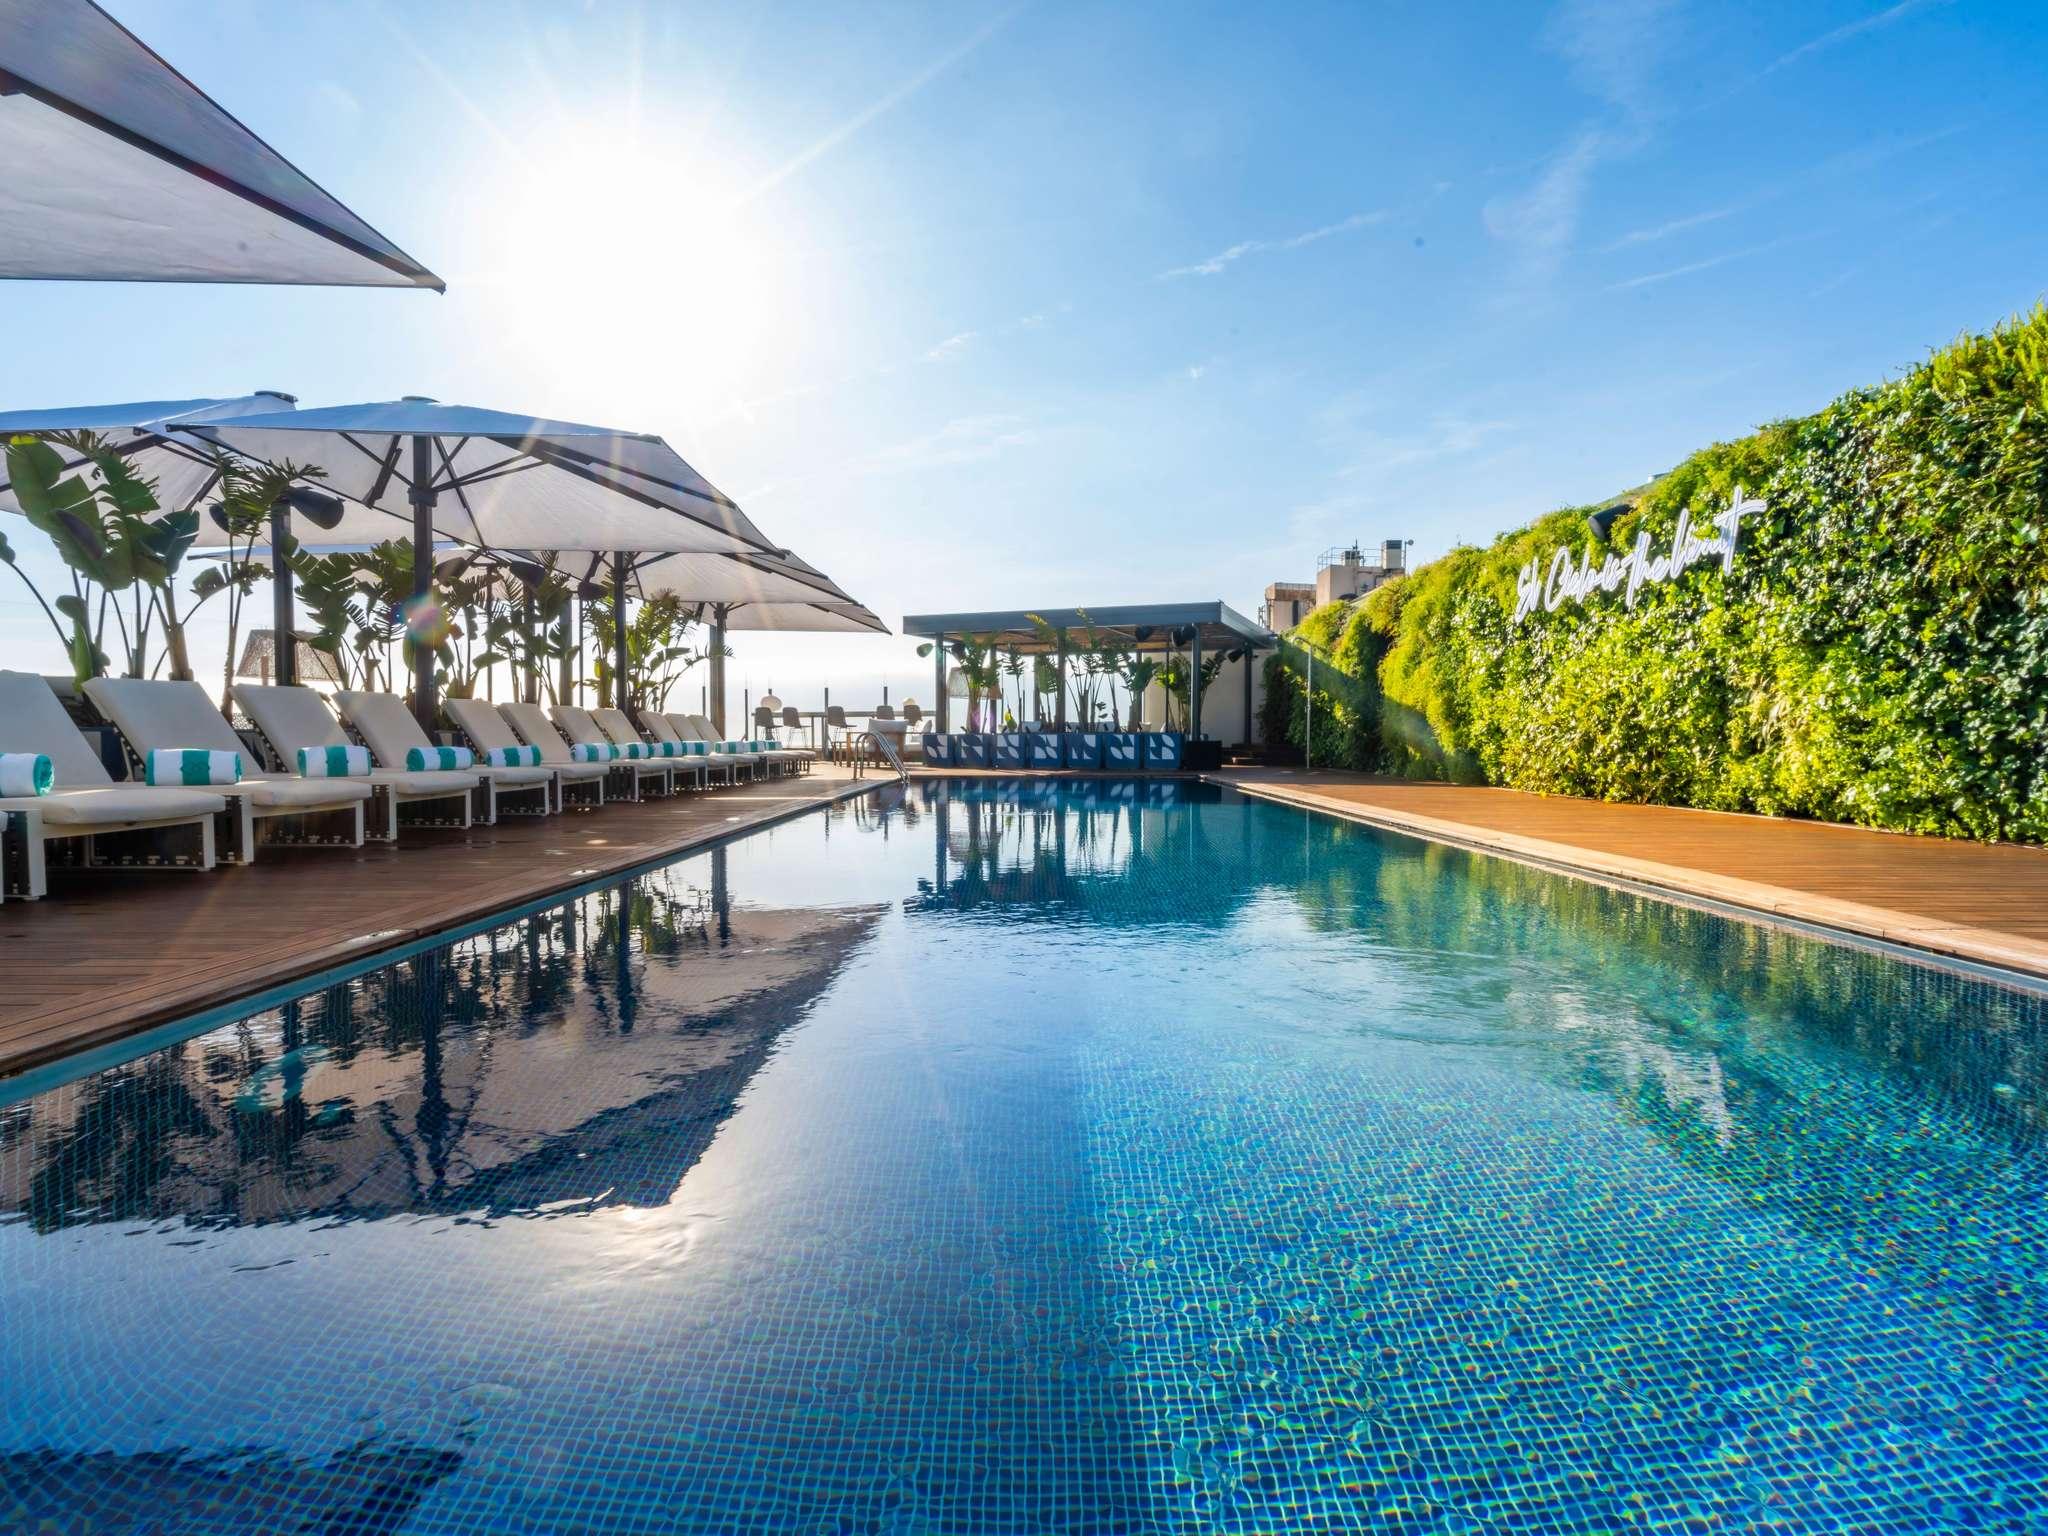 호텔 – 풀만 바르셀로나 스키페르